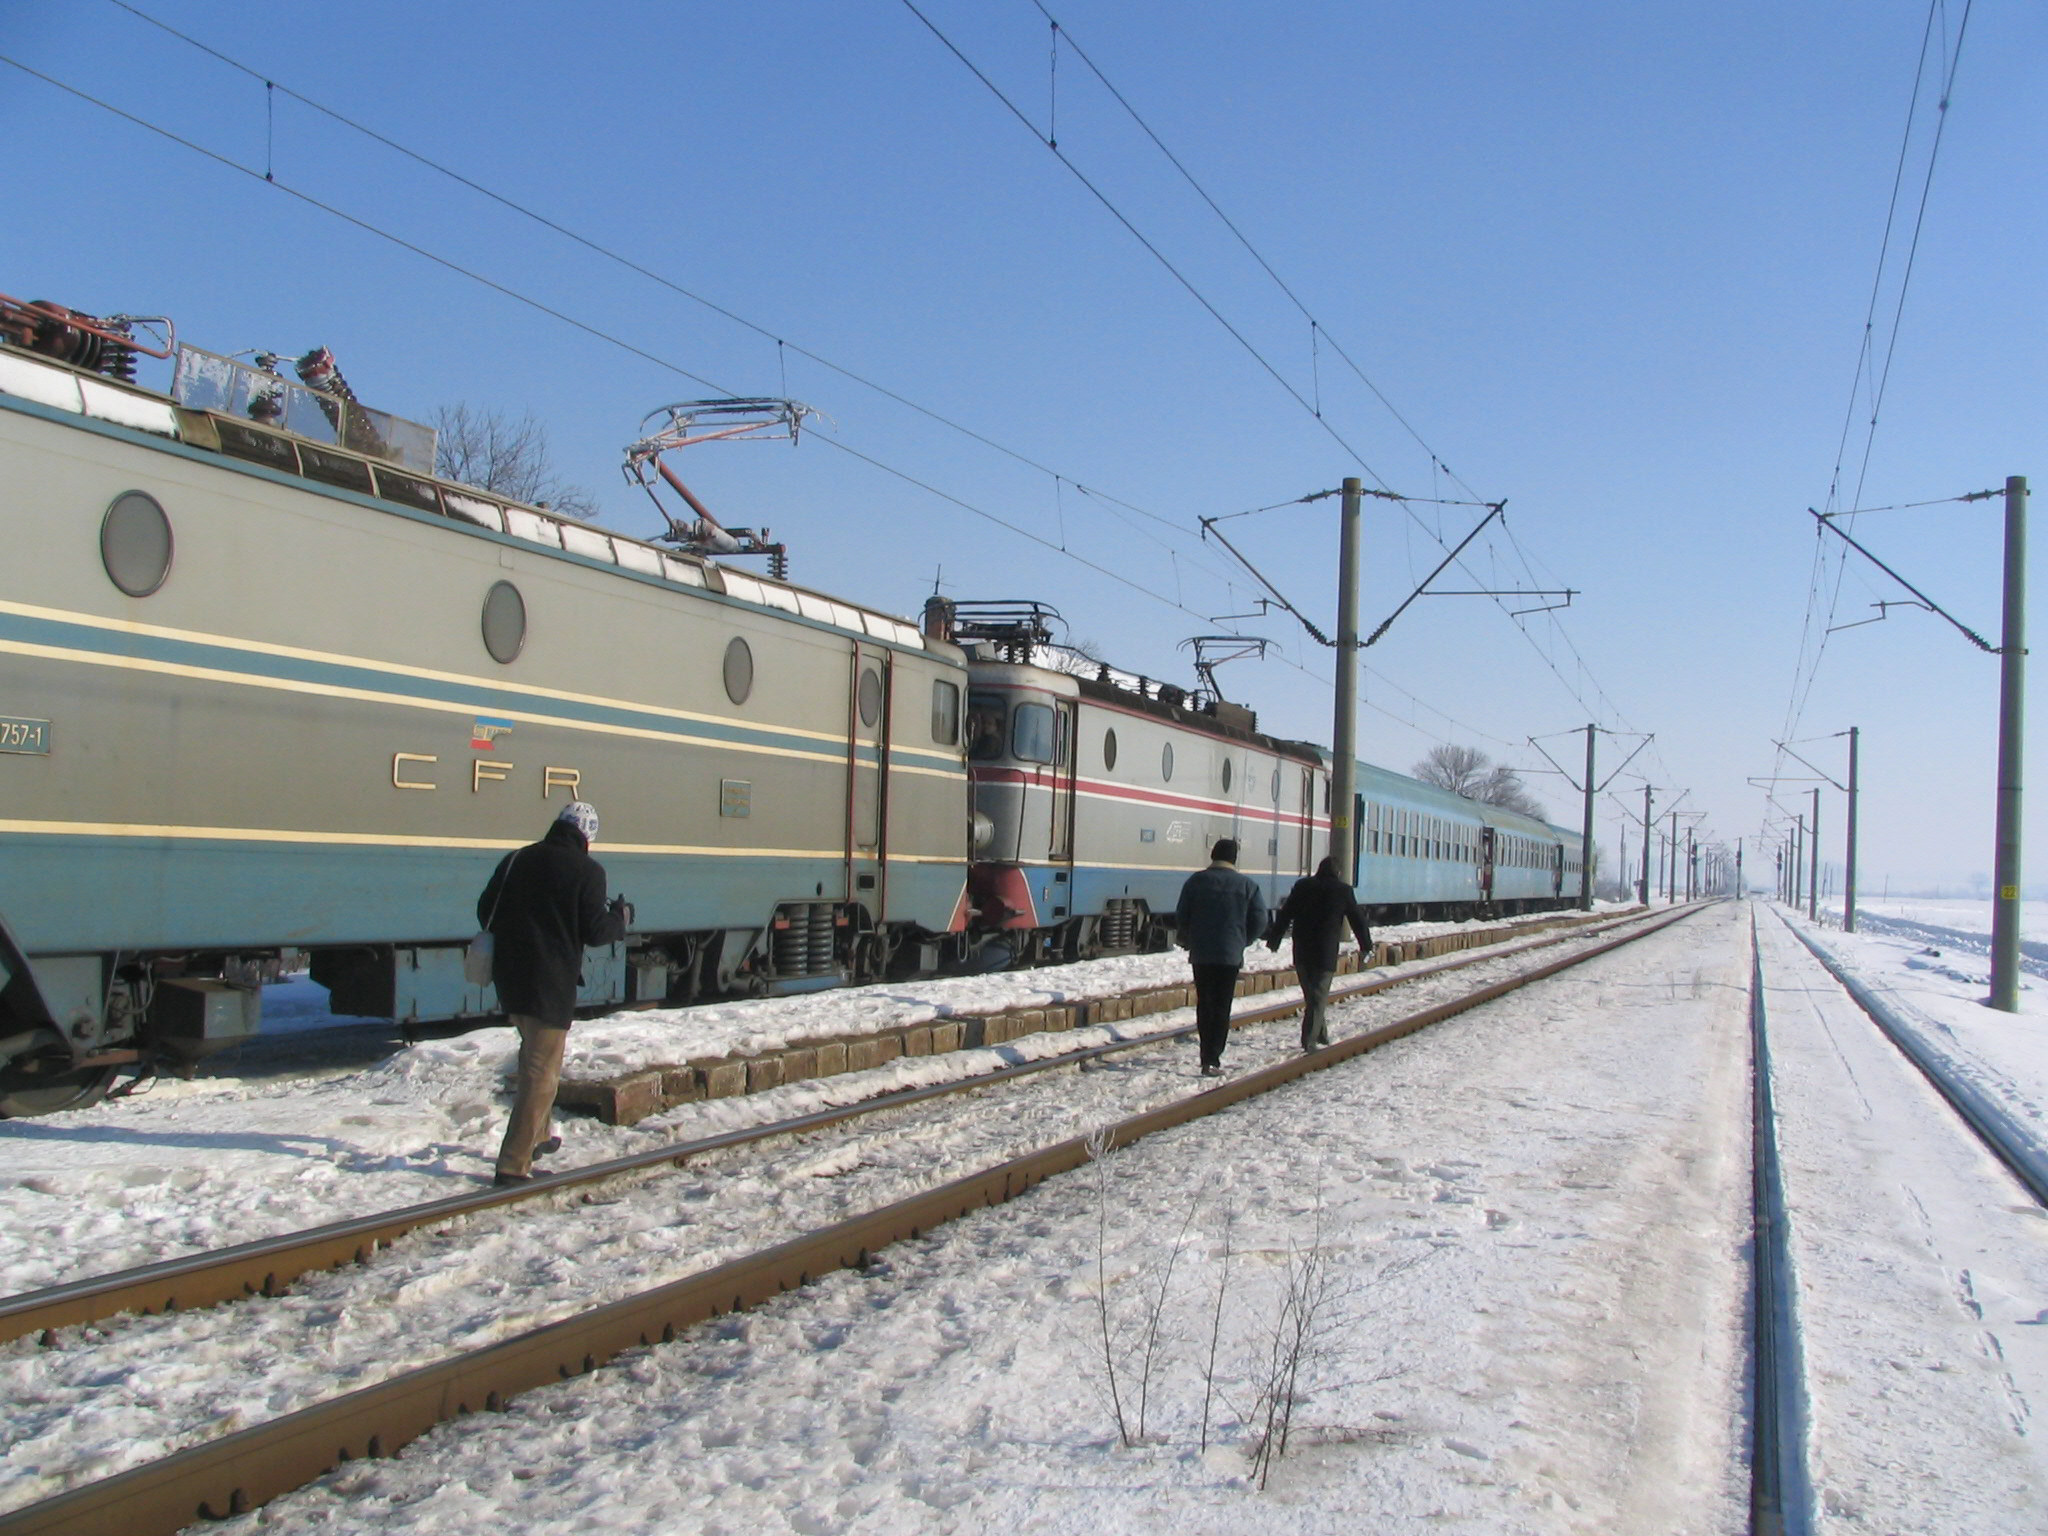 Mehedinţi: 7 imigranţi sirieni şi iranieni cu copii mici, prinşi în tren spre Severin